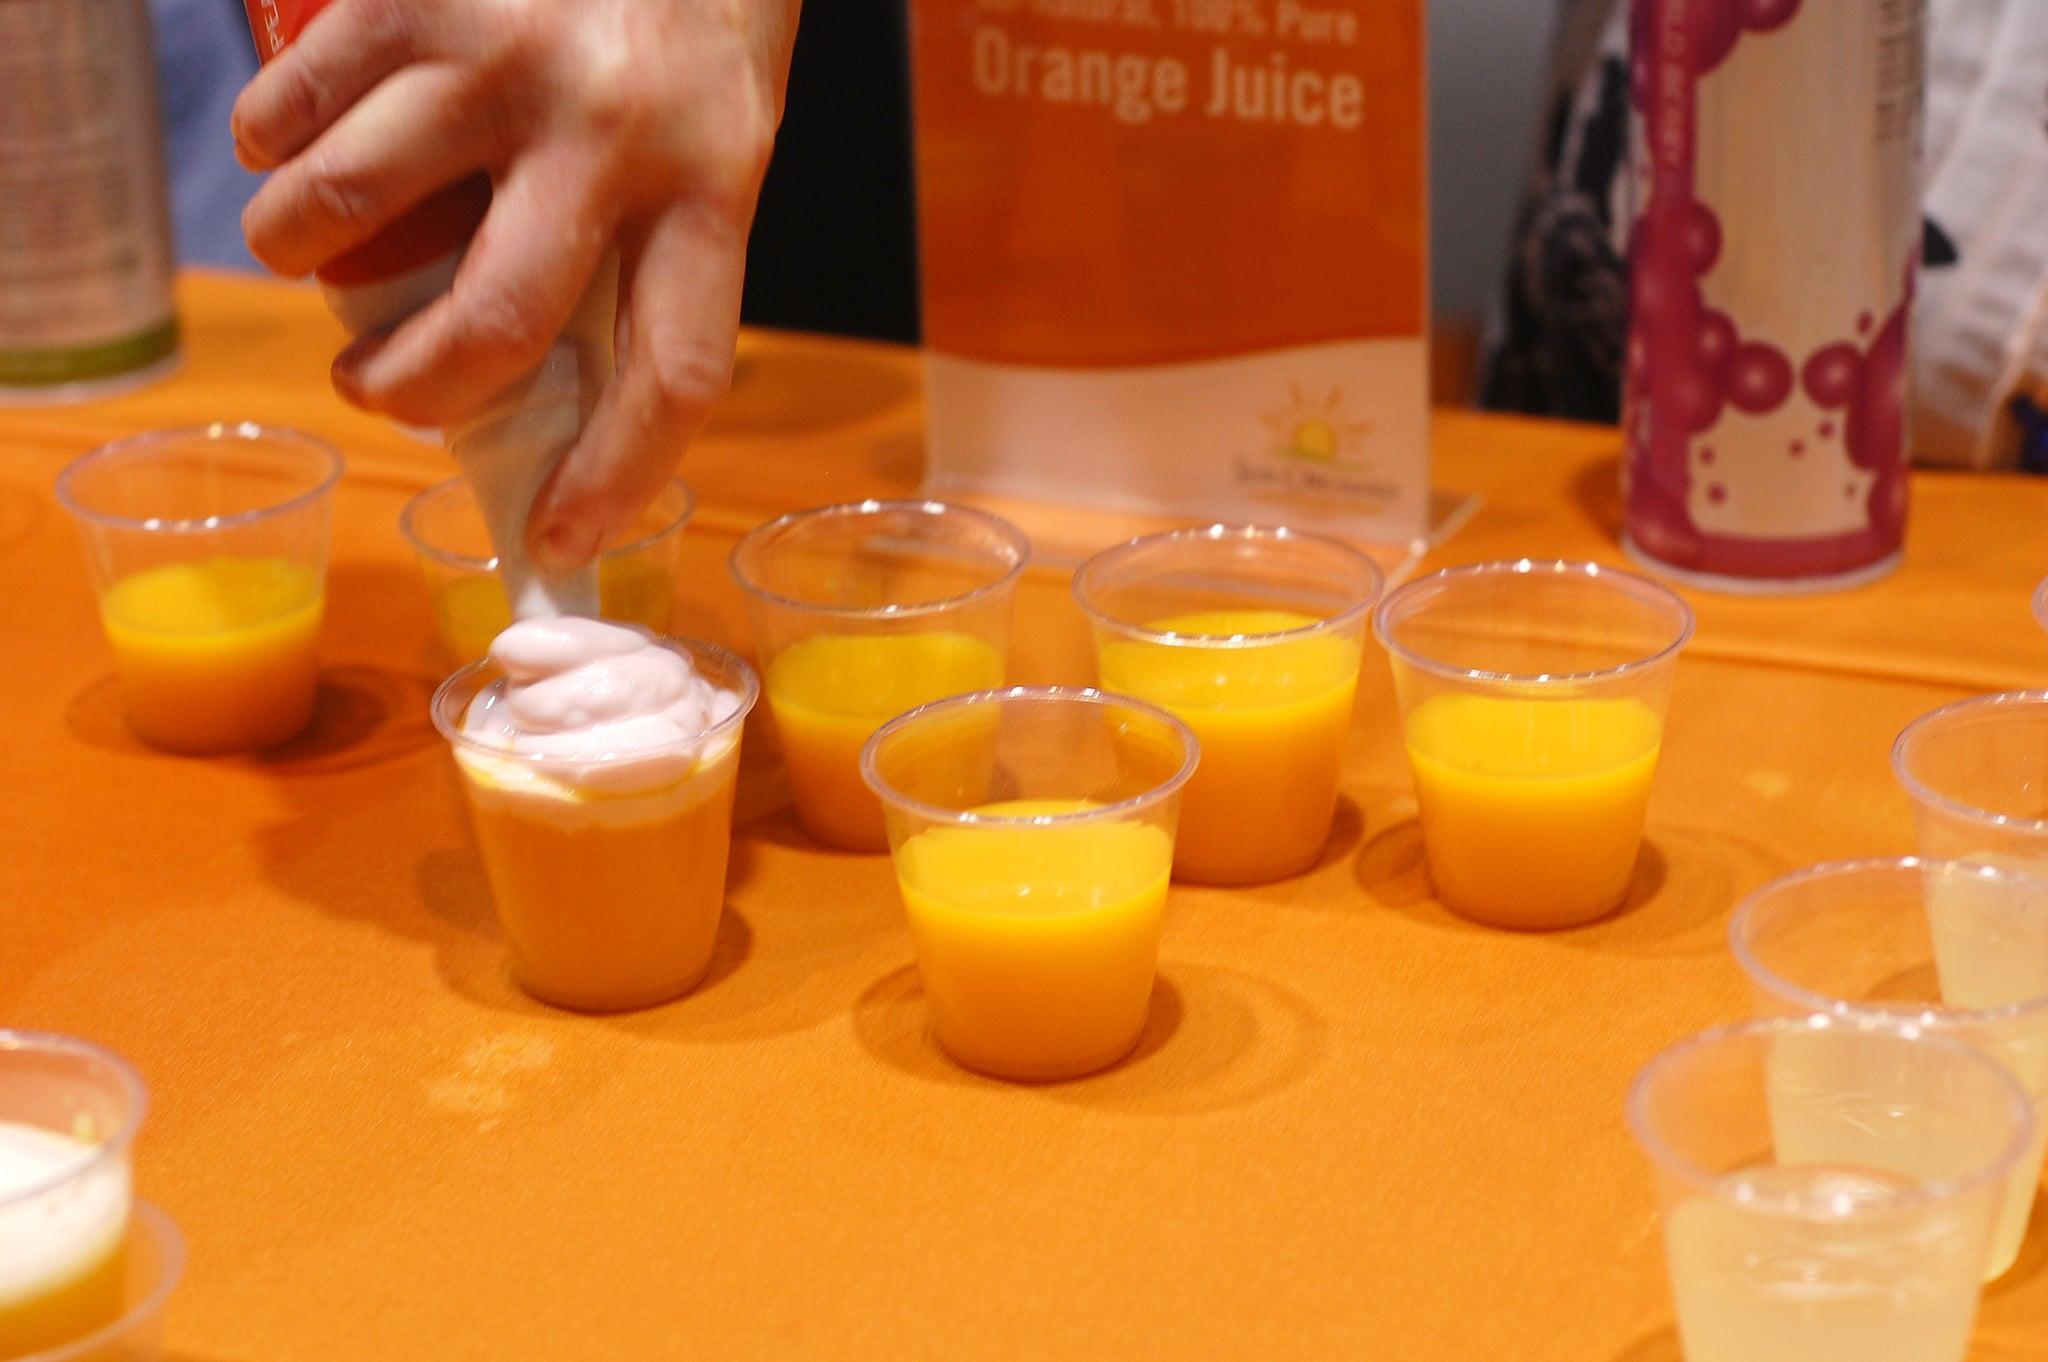 Fomz on Orange Juice